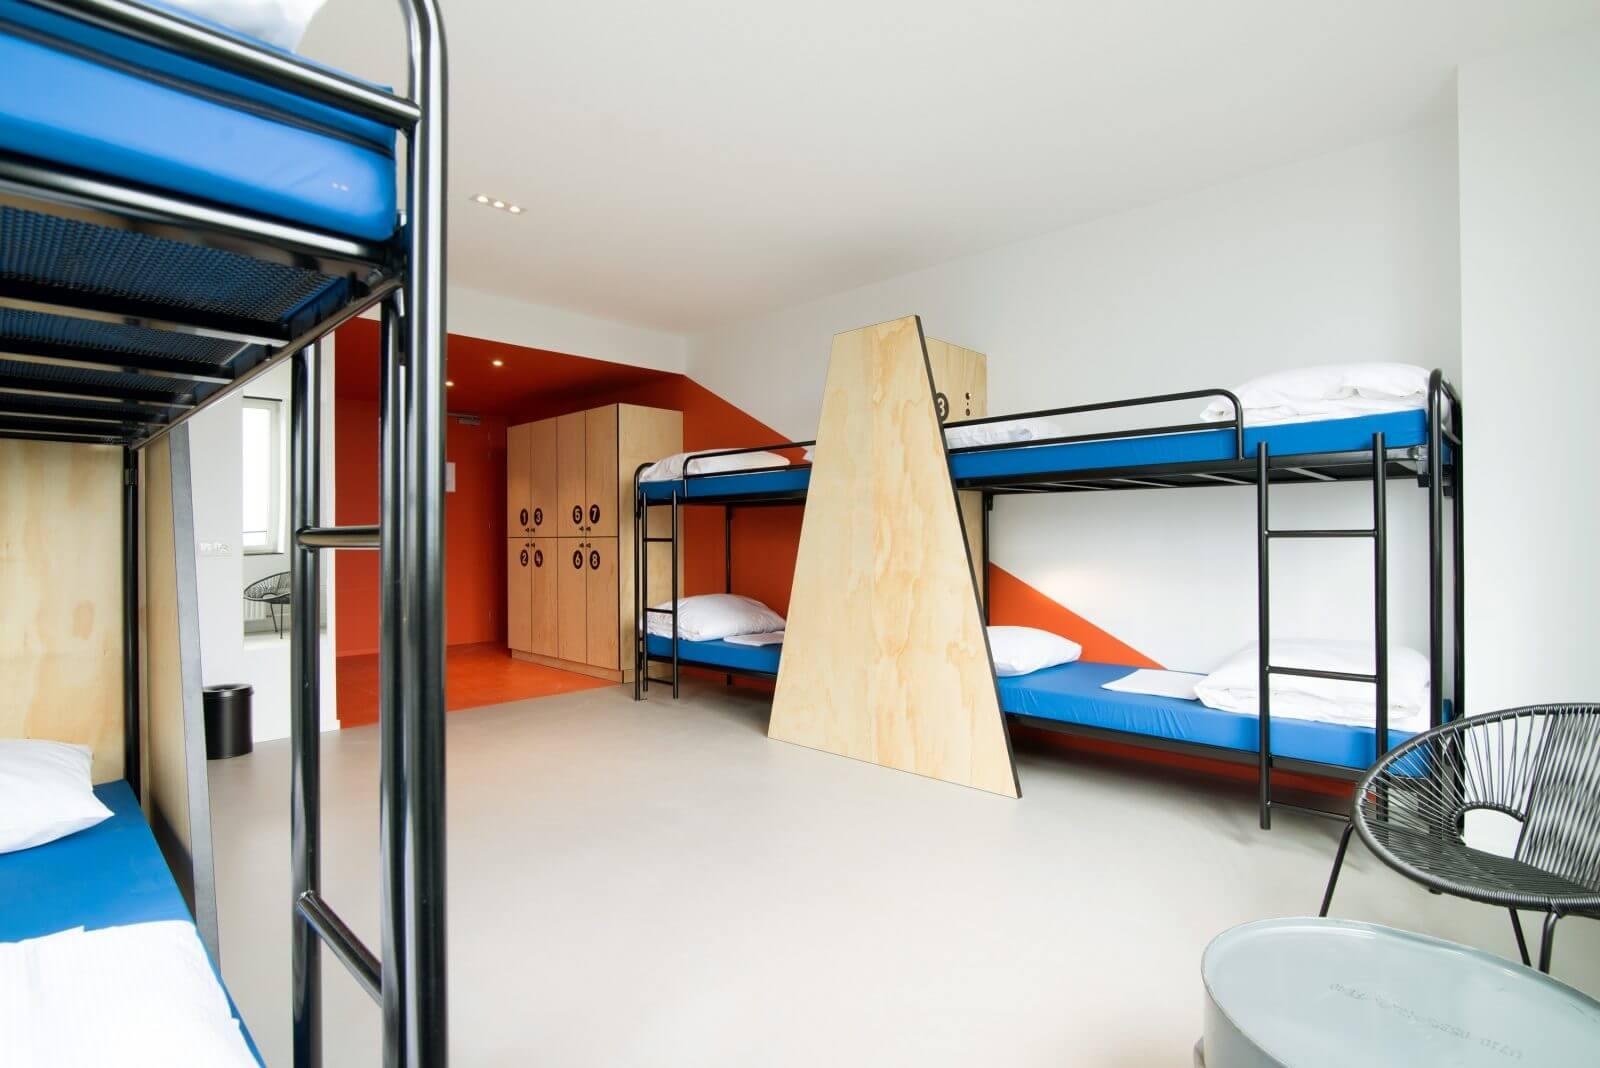 Maatwerk interieurbouw voor hotels